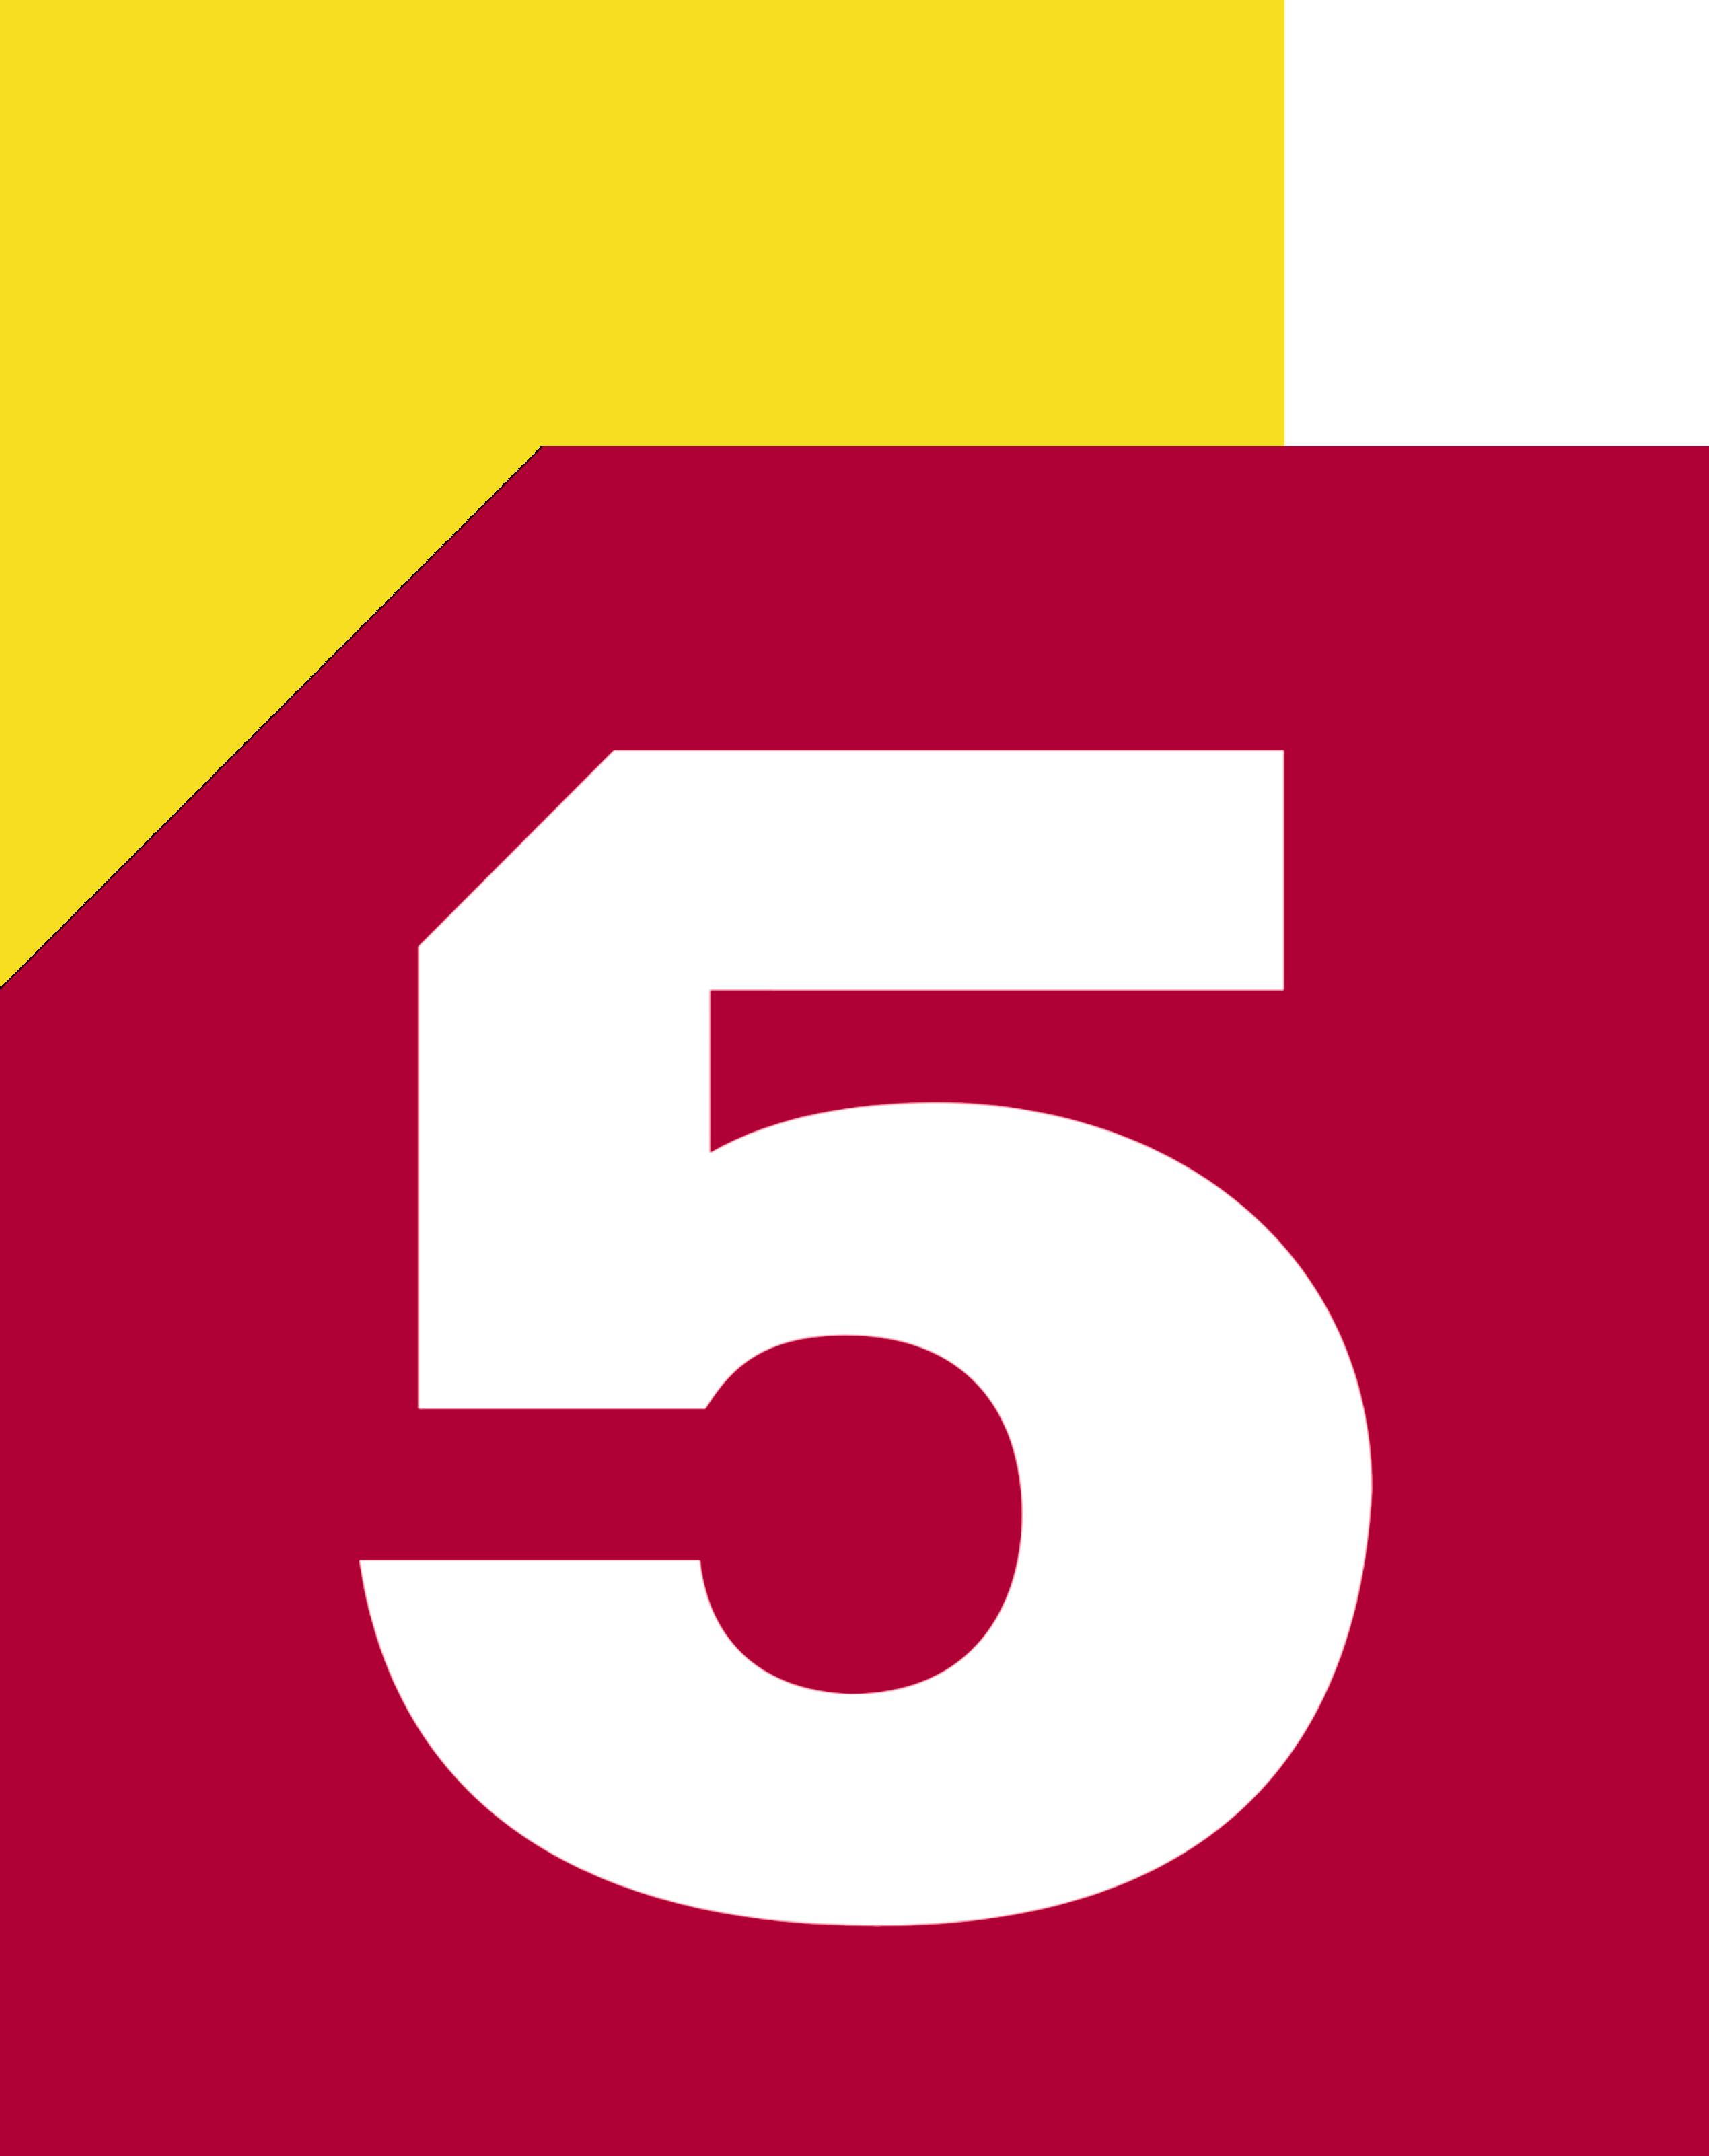 Пятый канал (жёлтая толстая полоса)